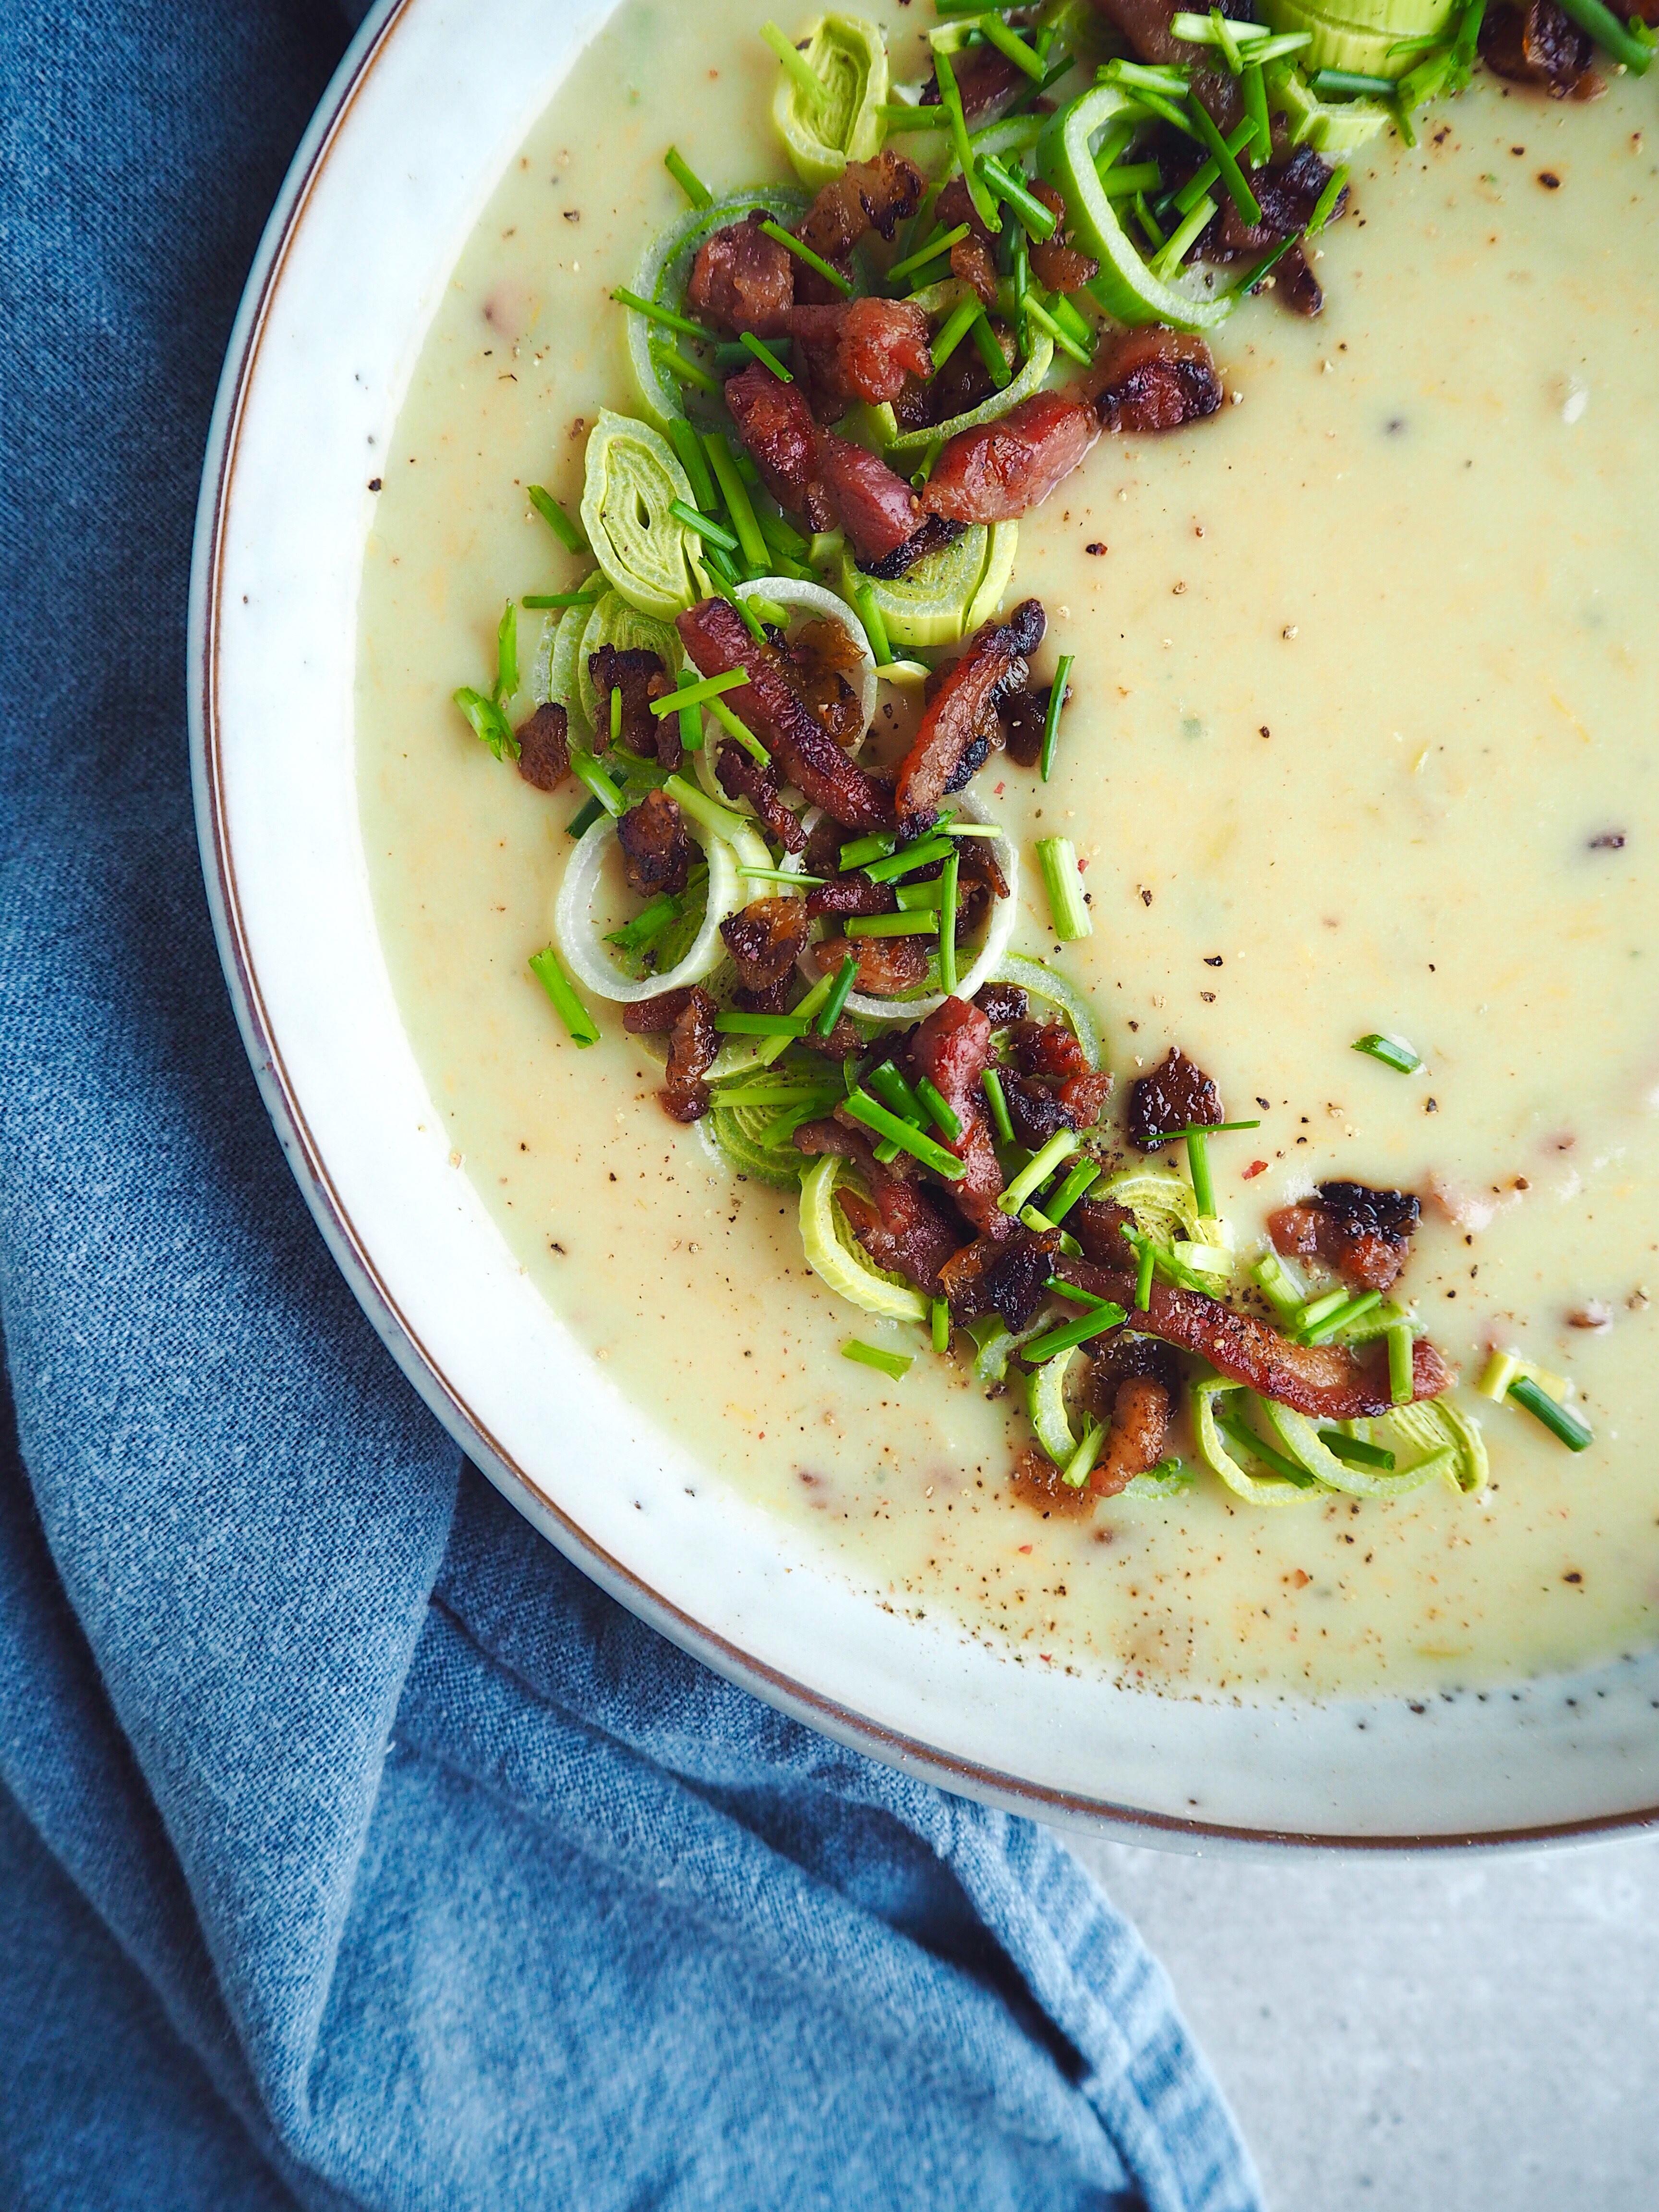 Cremet Kartoffel PorreSuppe Kartoffelsuppe Suppe Bacon Aftensmad Mad Madblogger Madblog Madinspiration Mia Lindholm Blog Blogger